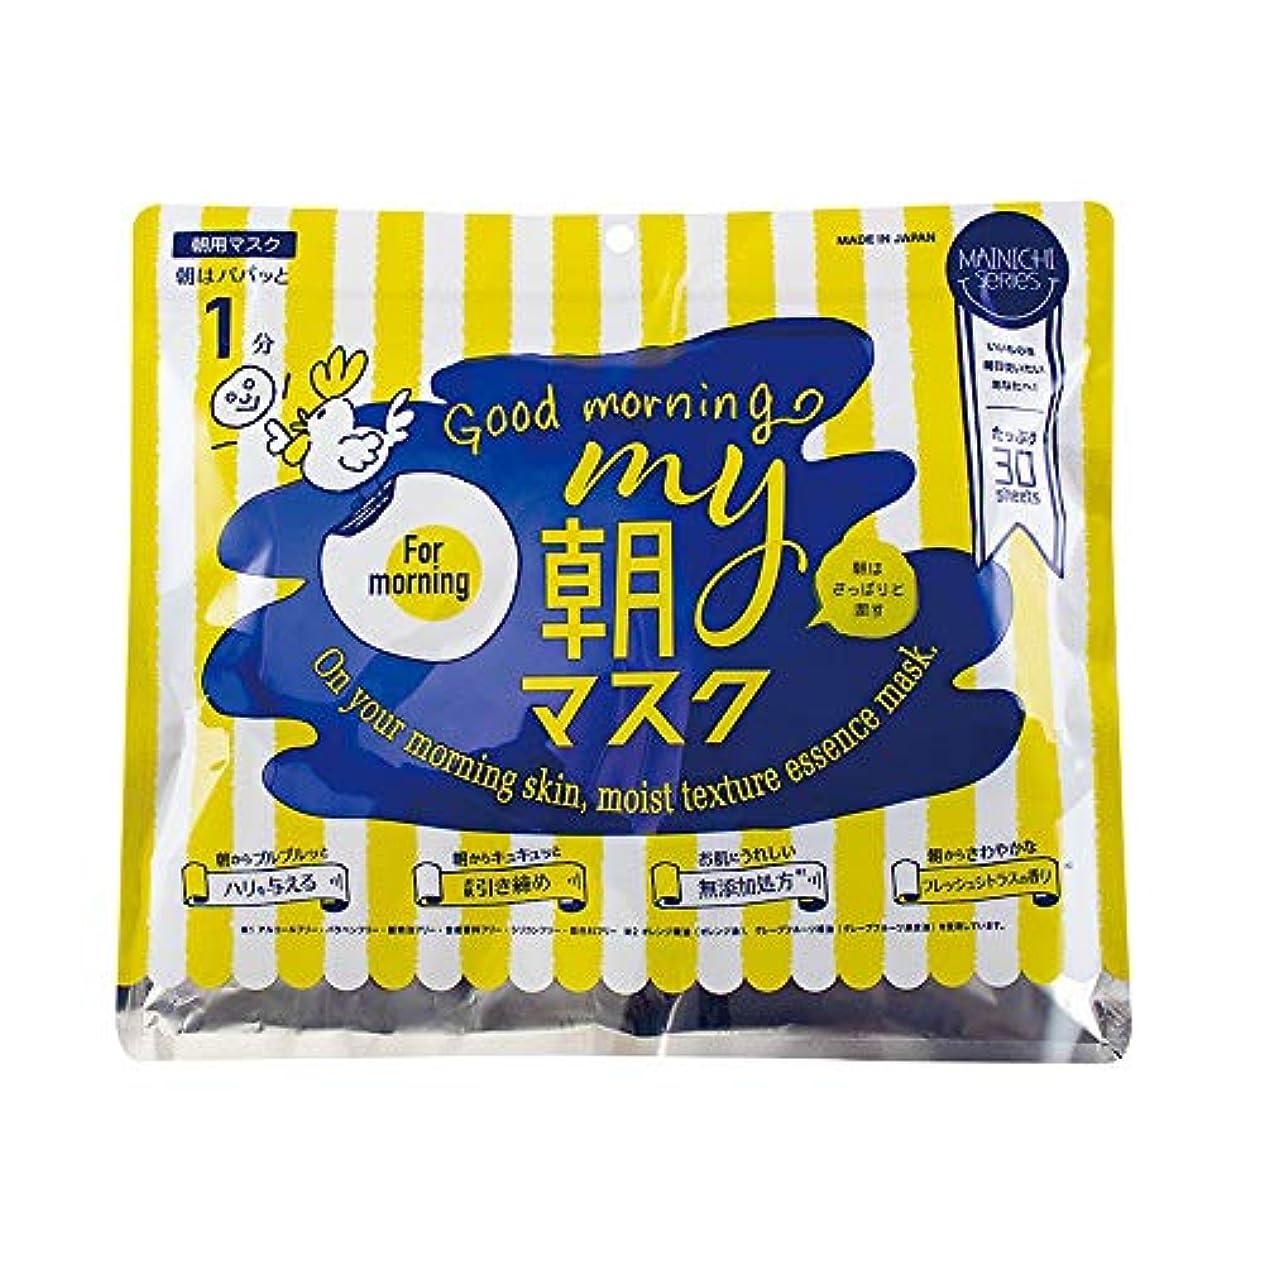 胃残忍な自慢MAINICHI(マイニチ) MY朝マスク (30枚入)